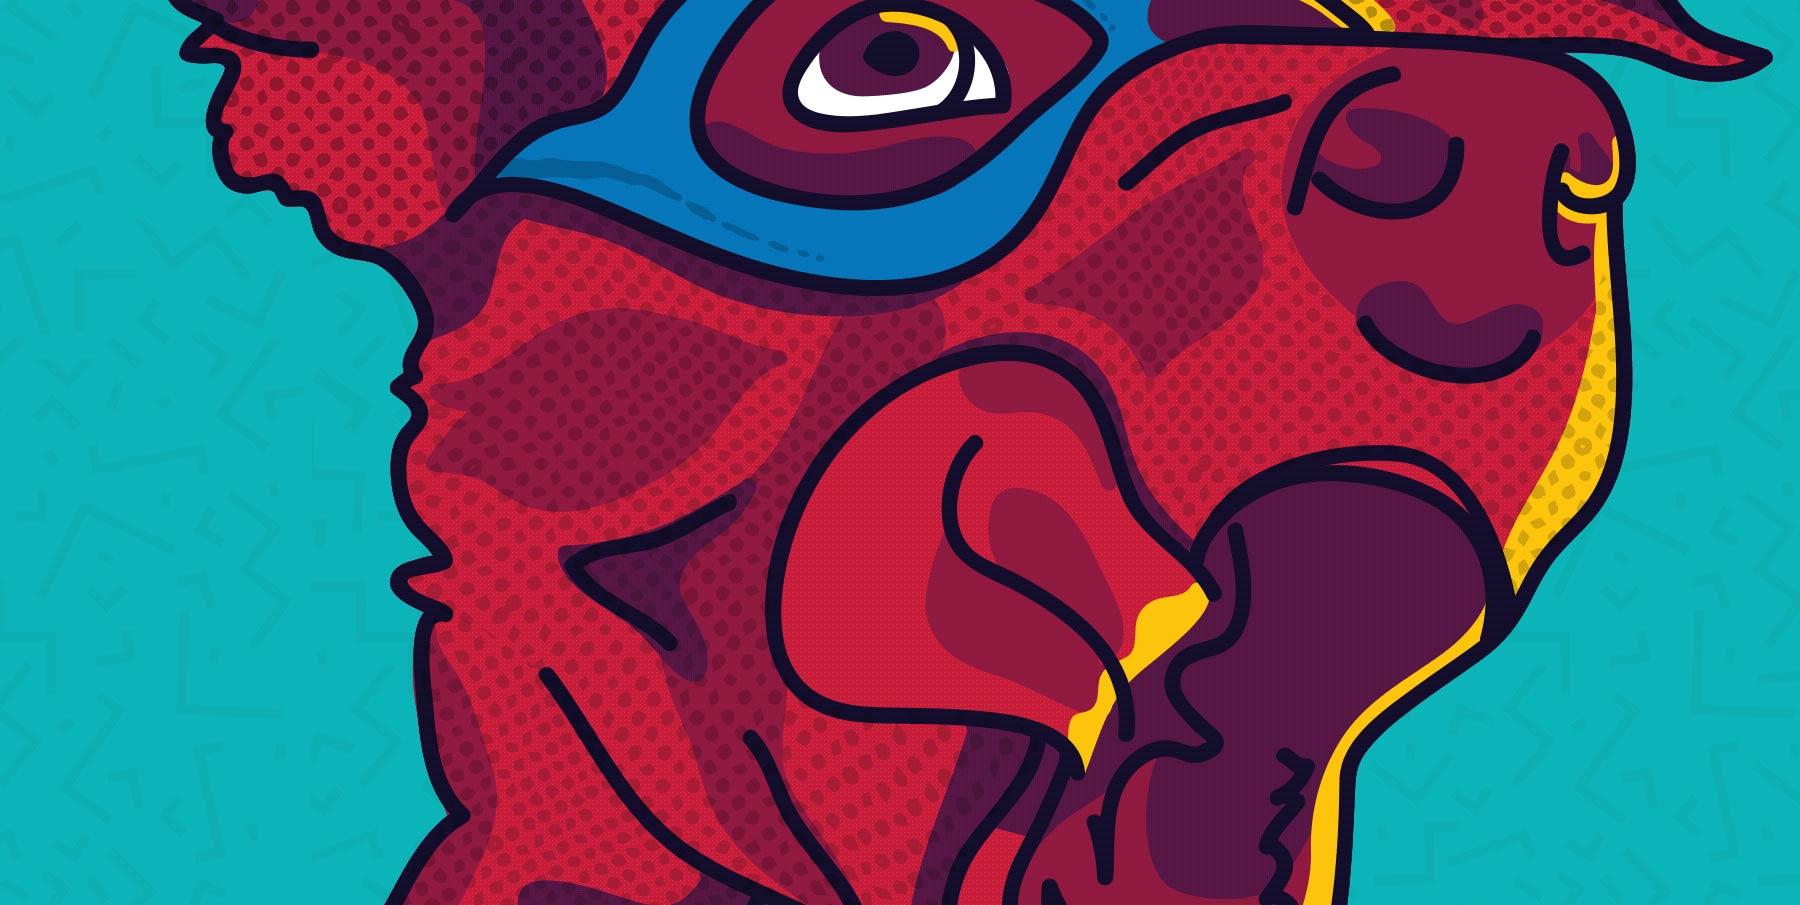 SuperQueero details 2.